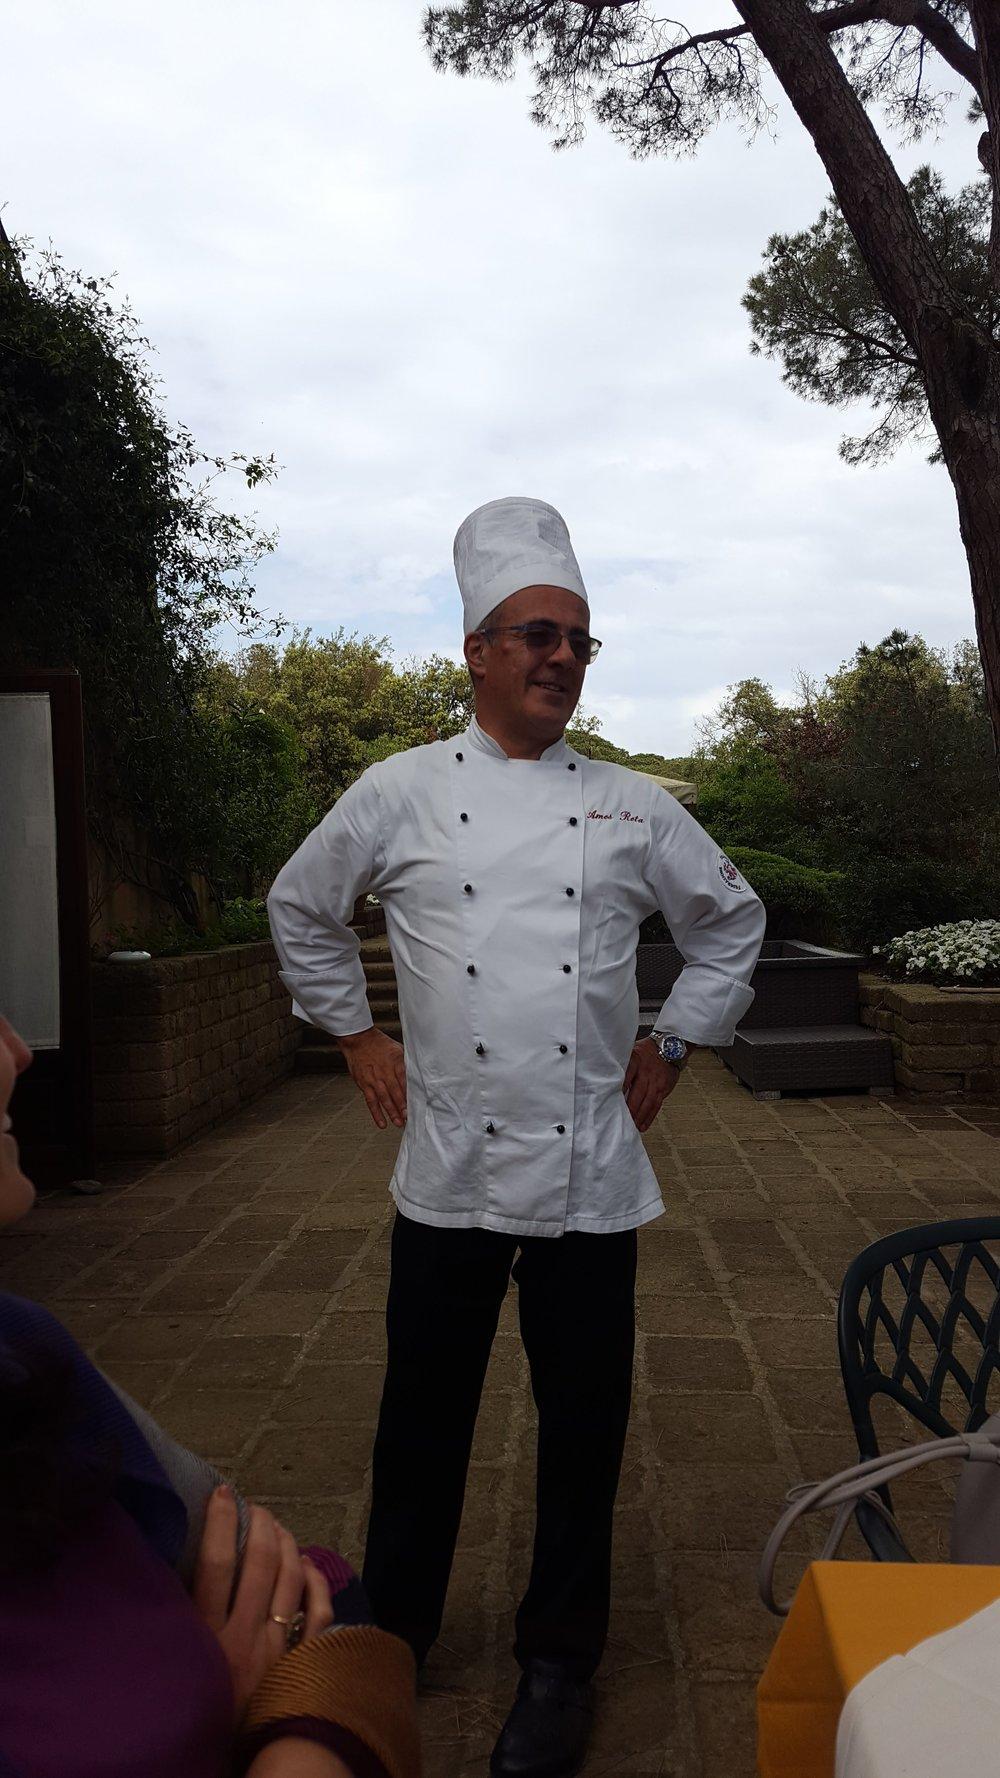 Chef at Tenuta delle Ripalte